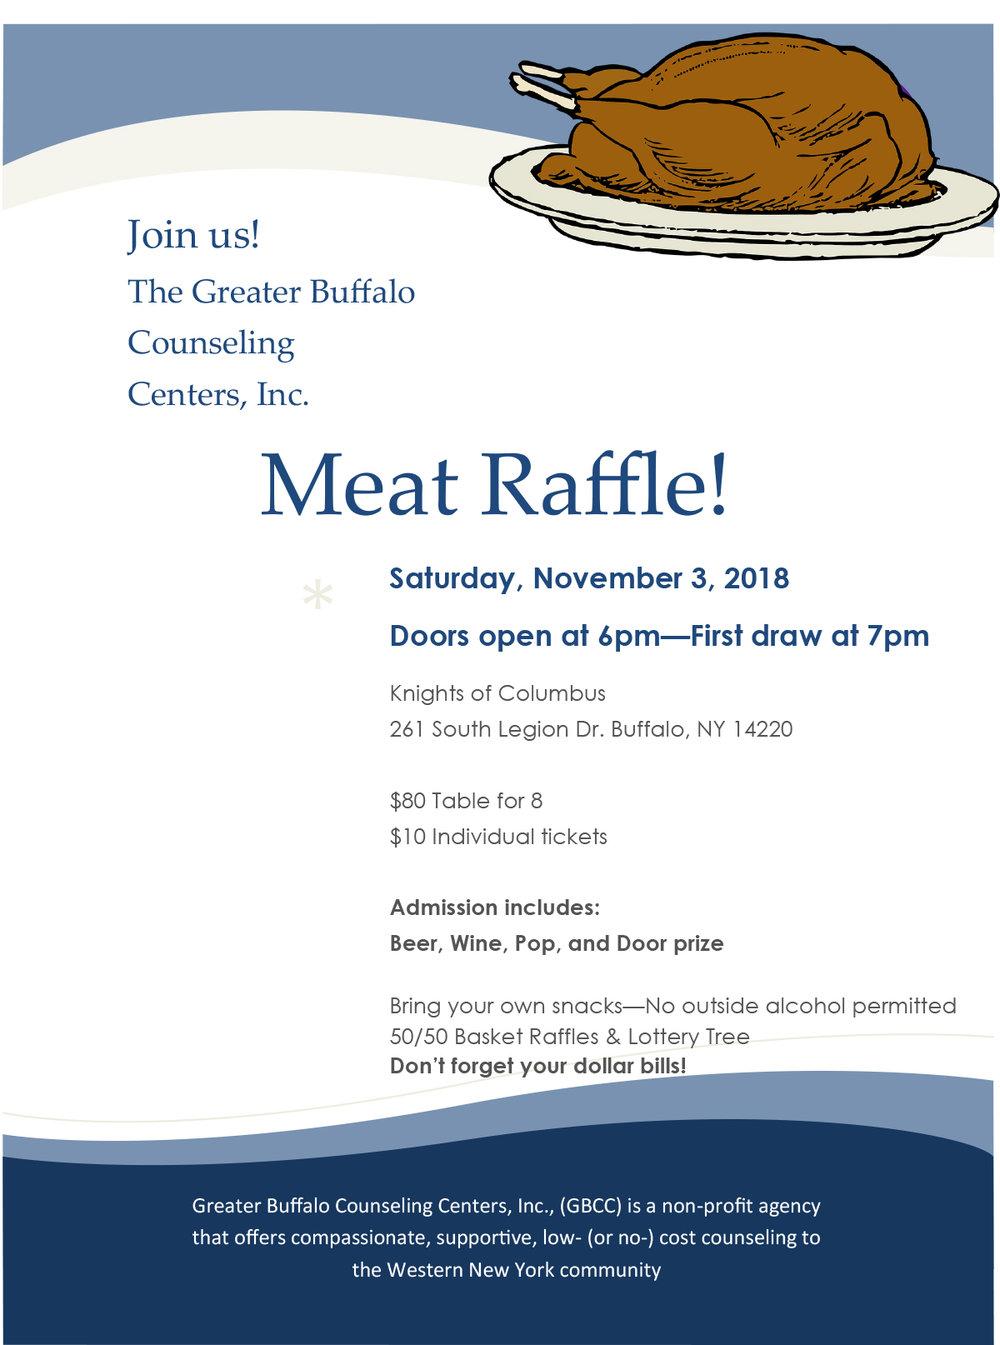 meat raffle flyer gbcc.jpg